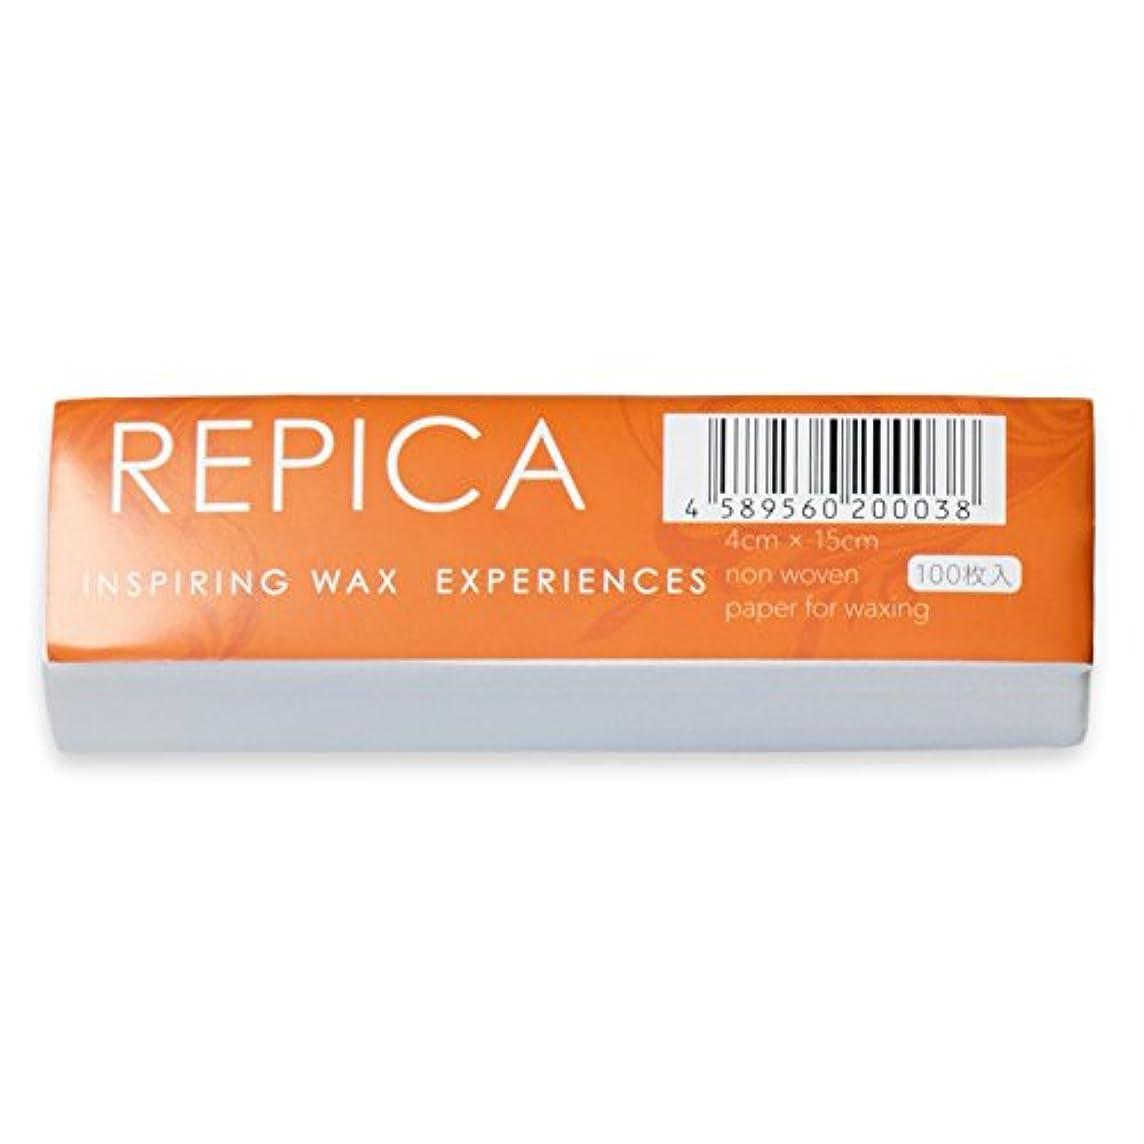 広告ブロック付属品REPICA ブラジリアンワックス脱毛 カットペーパー Sサイズ100枚入り×5個セット ワックス脱毛 ワックスシート ストリップシート